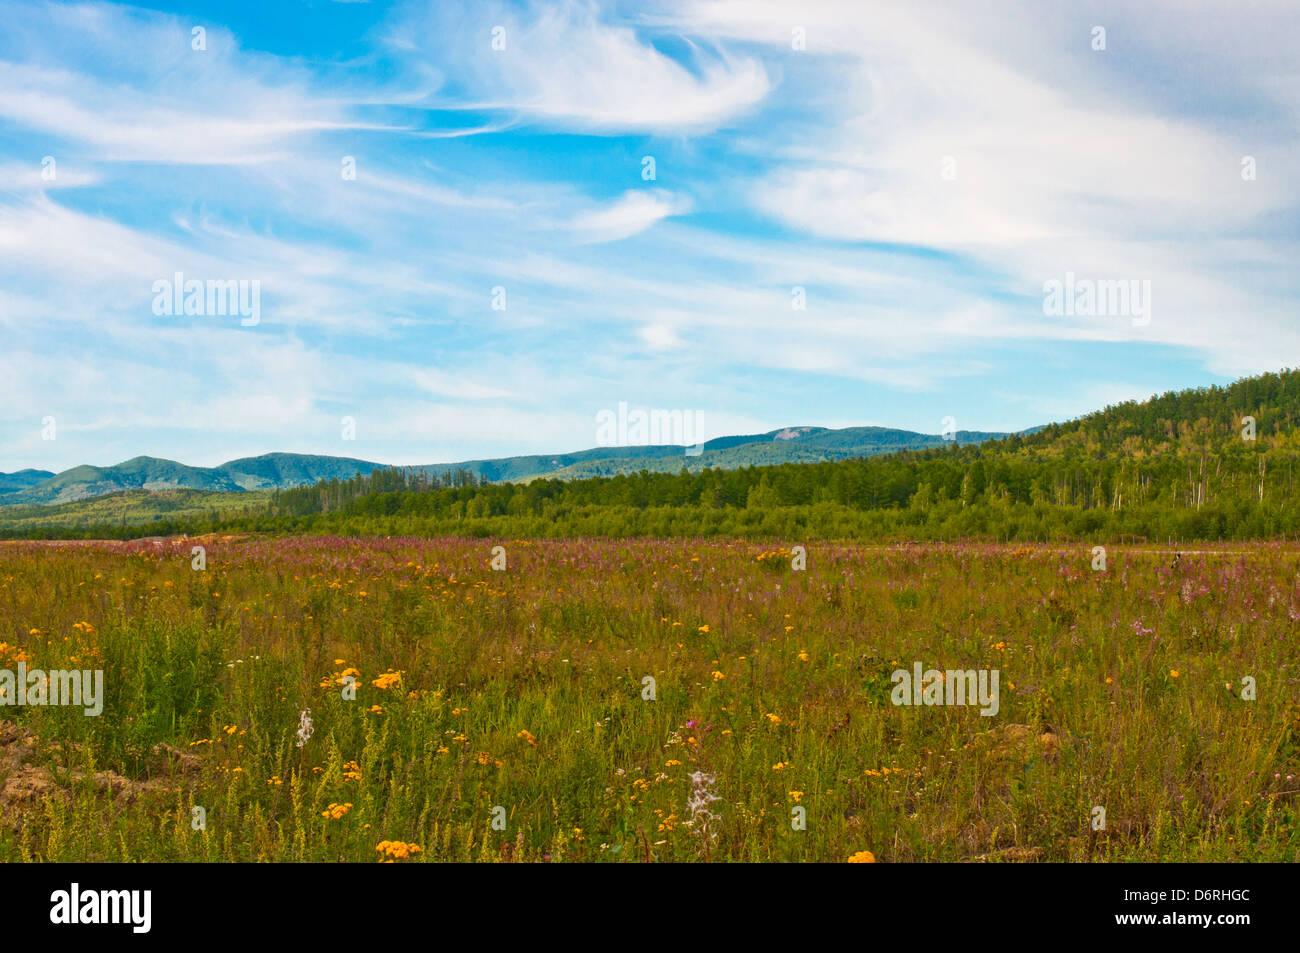 Sabor meadow en Khabarovskiy Kray, Bogorodskoe Village, en el Lejano Oriente de Rusia. Imagen De Stock